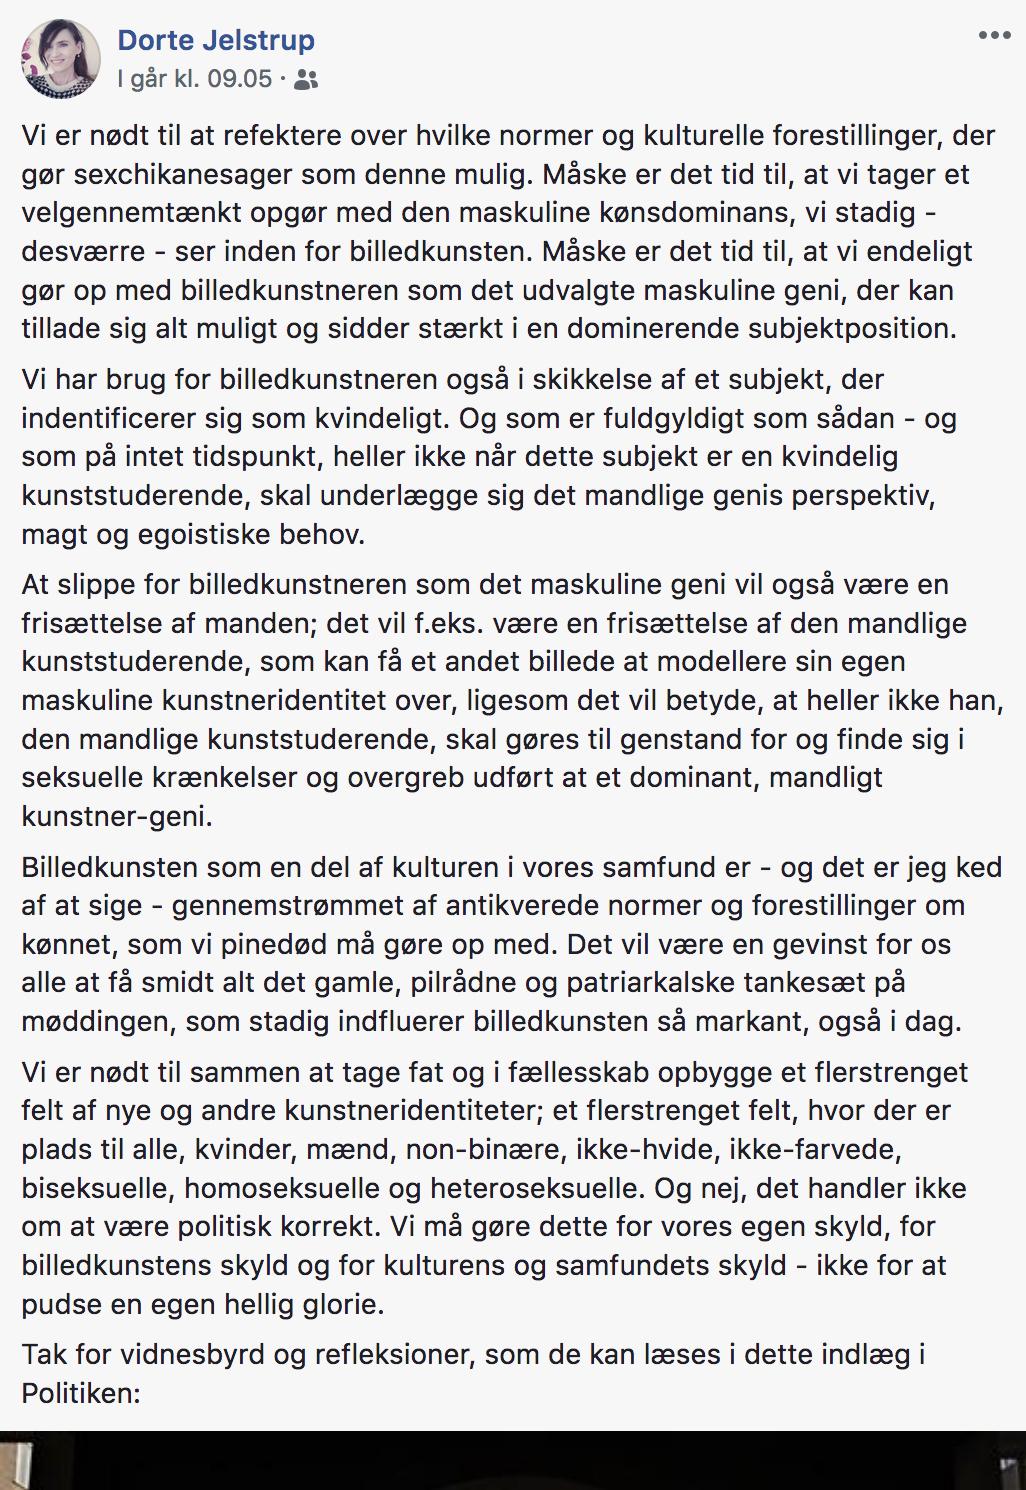 Dorte Skærmbillede 2018-11-04 kl. 15.58.12-1.jpg